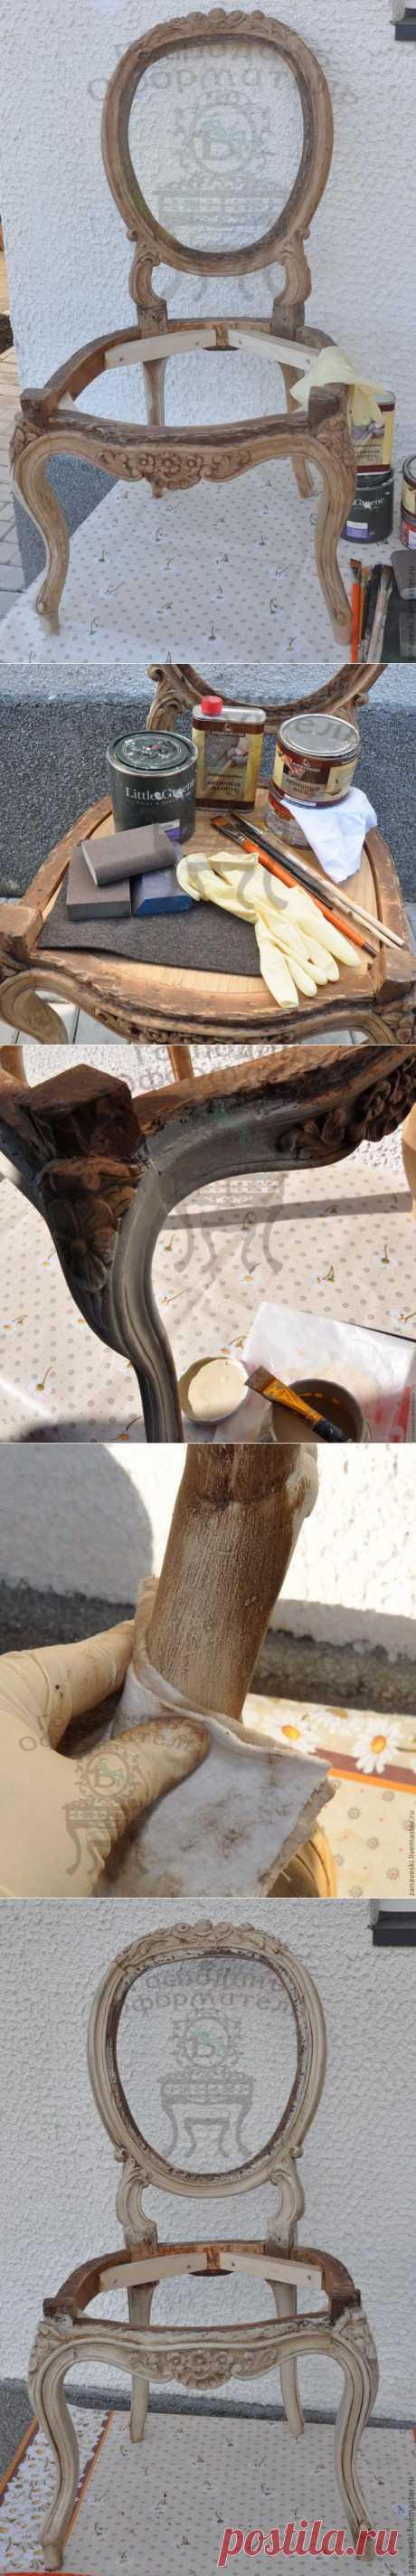 Покраска стула с использованием патины и воска . МК.